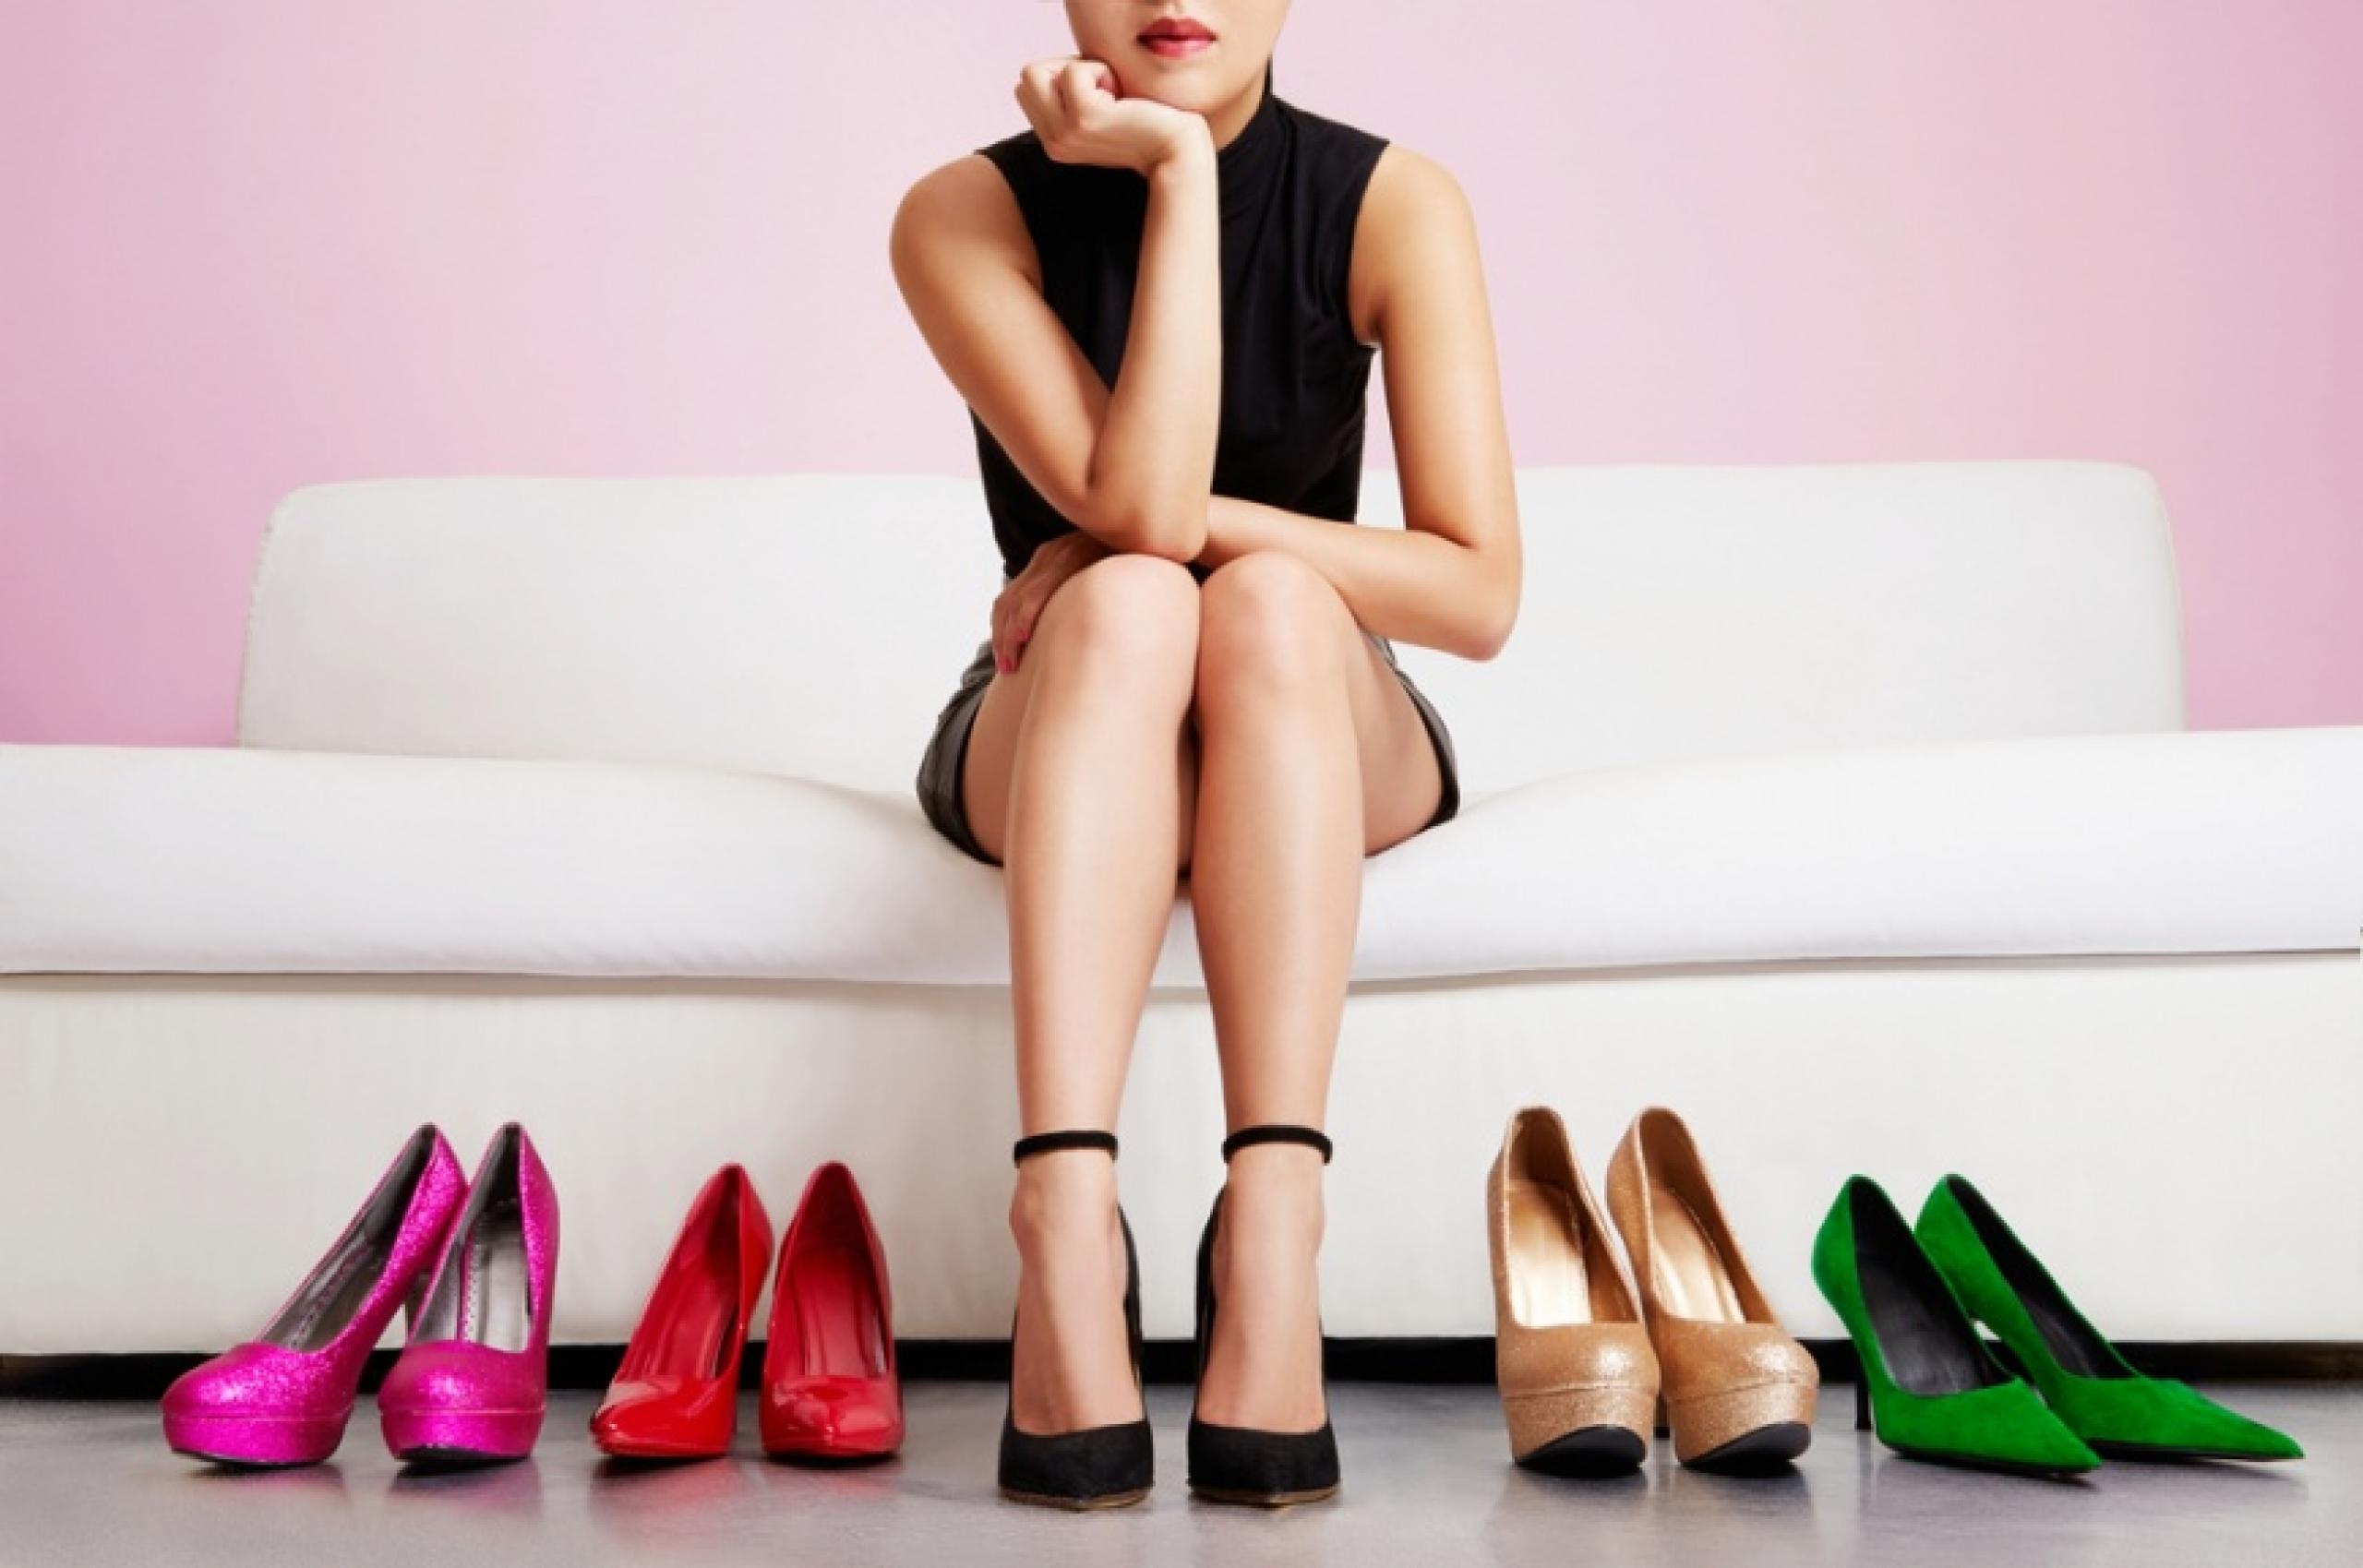 женские ноги на каблуках моей